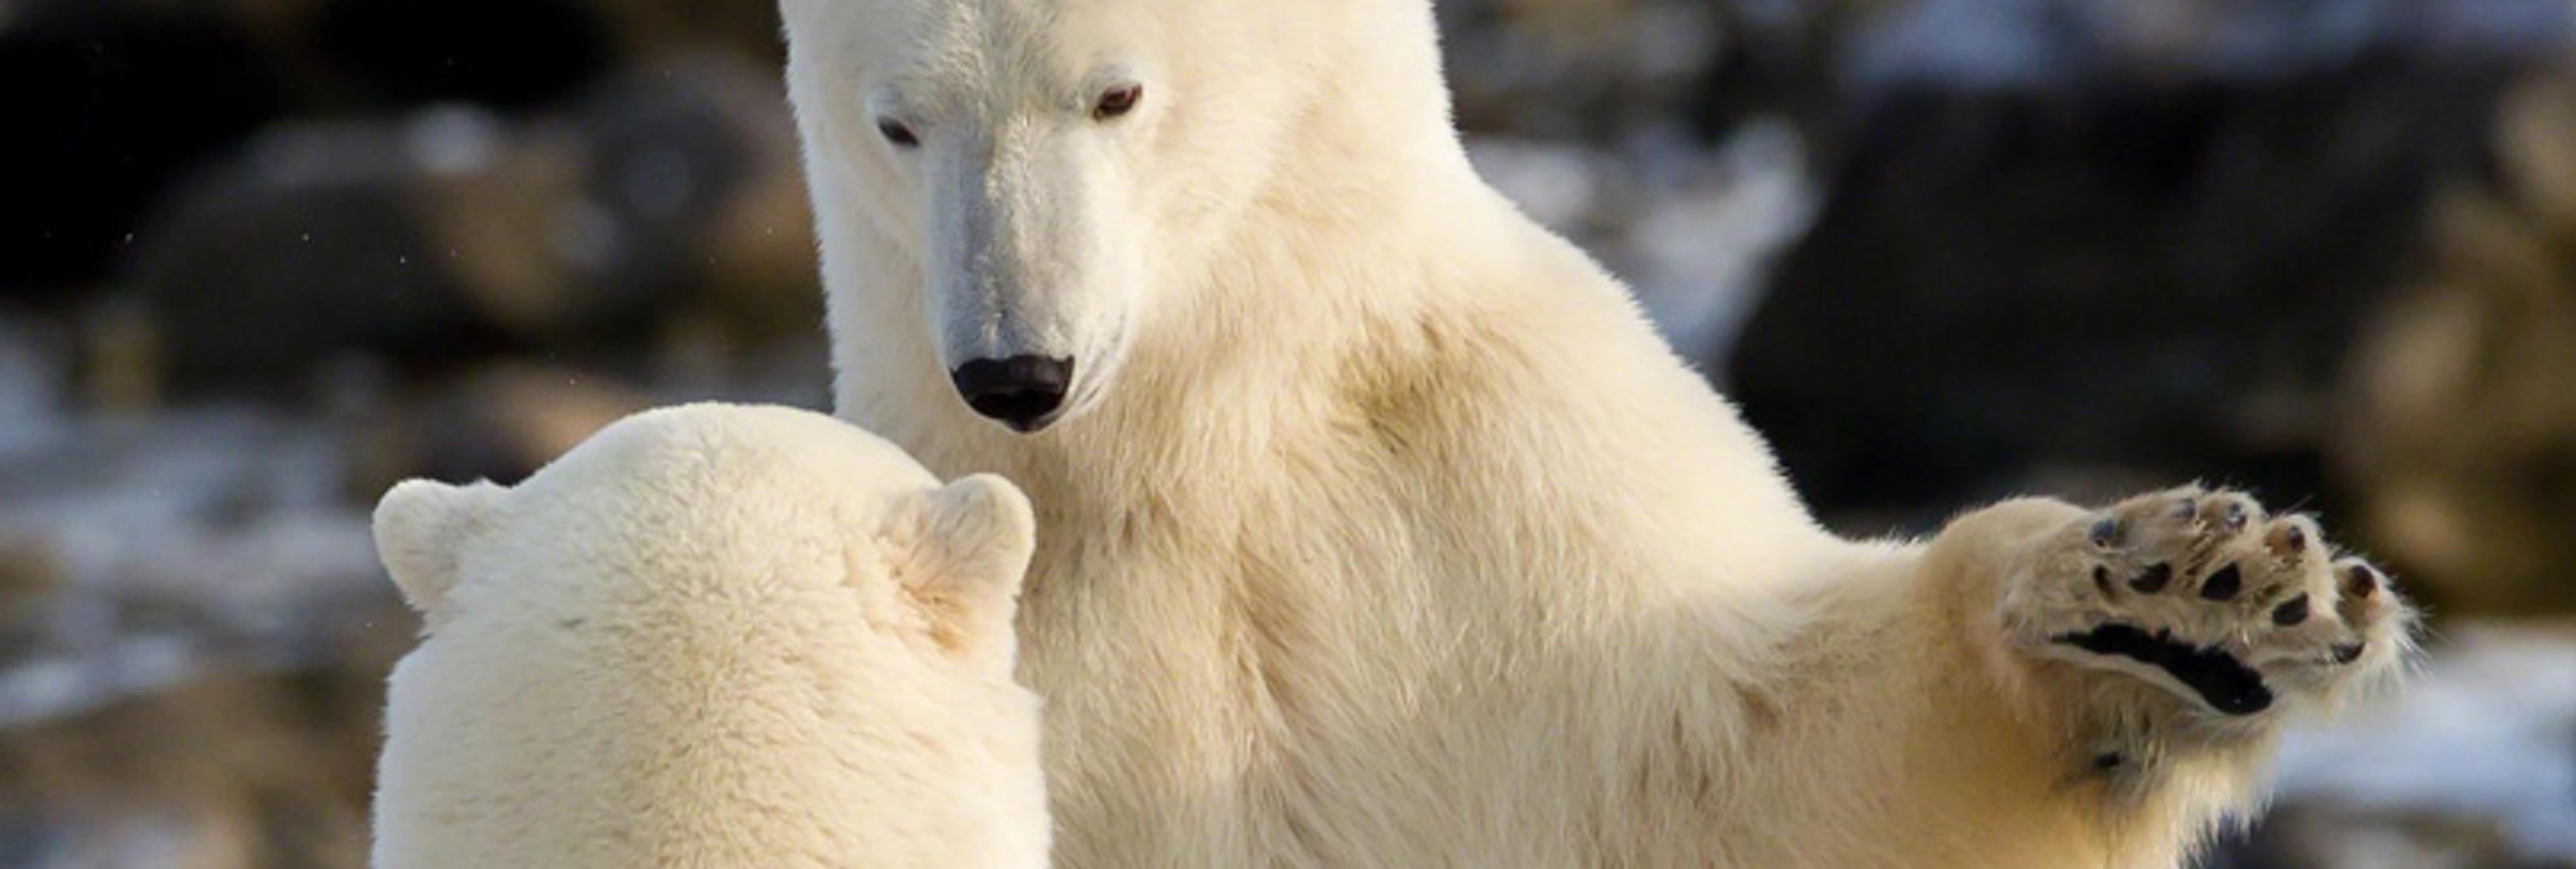 Descubren una isla en el Ártico llena de osos famélicos y desesperados